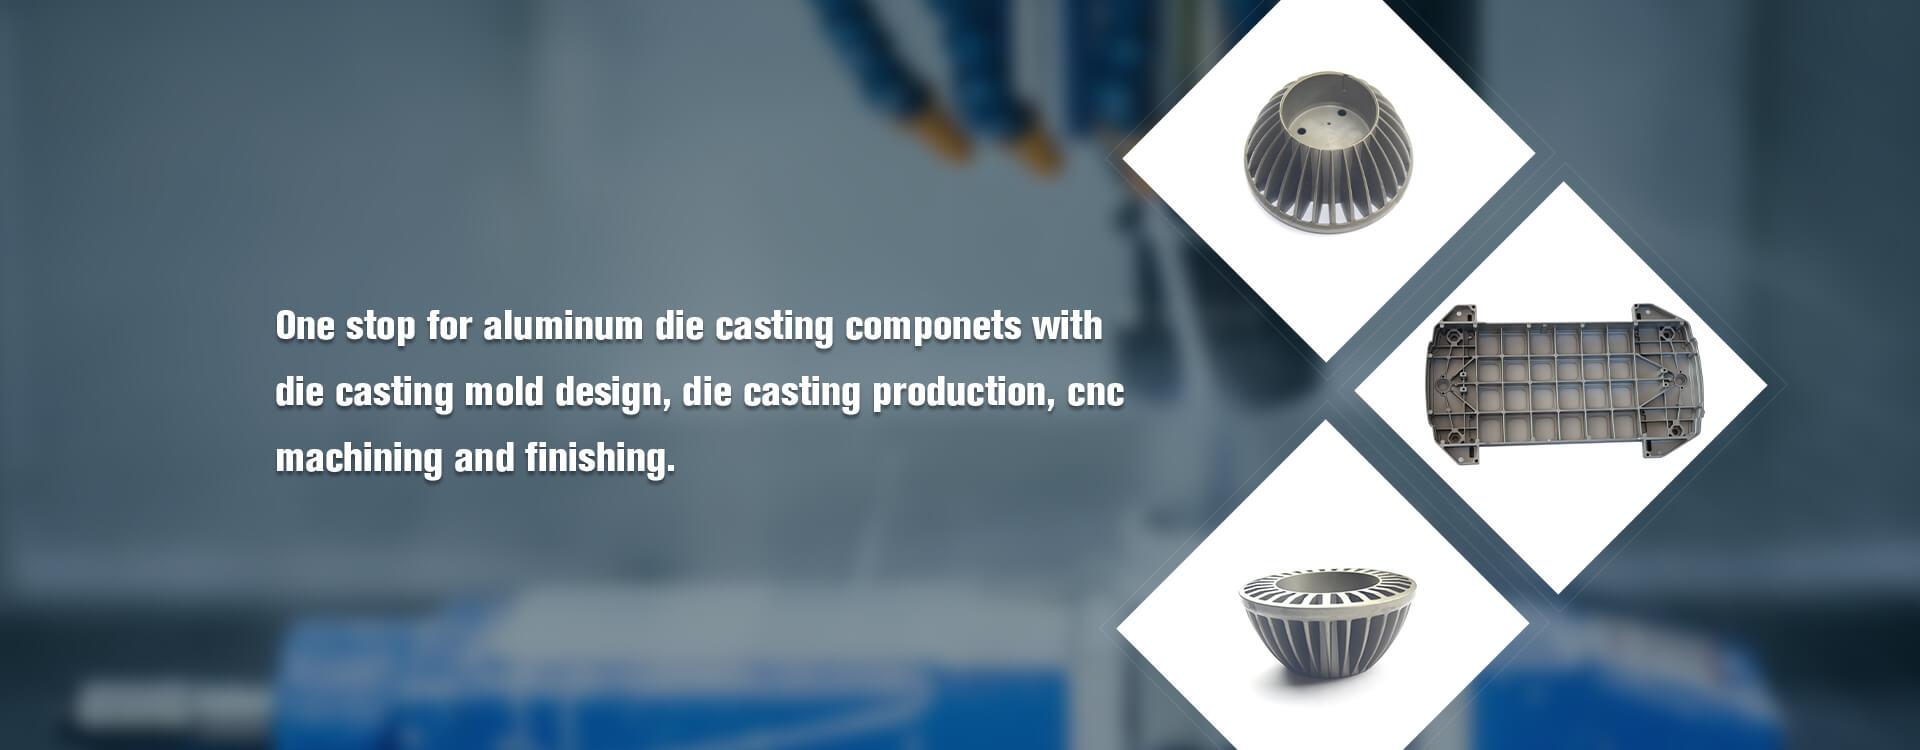 Aluminum die casting light cover